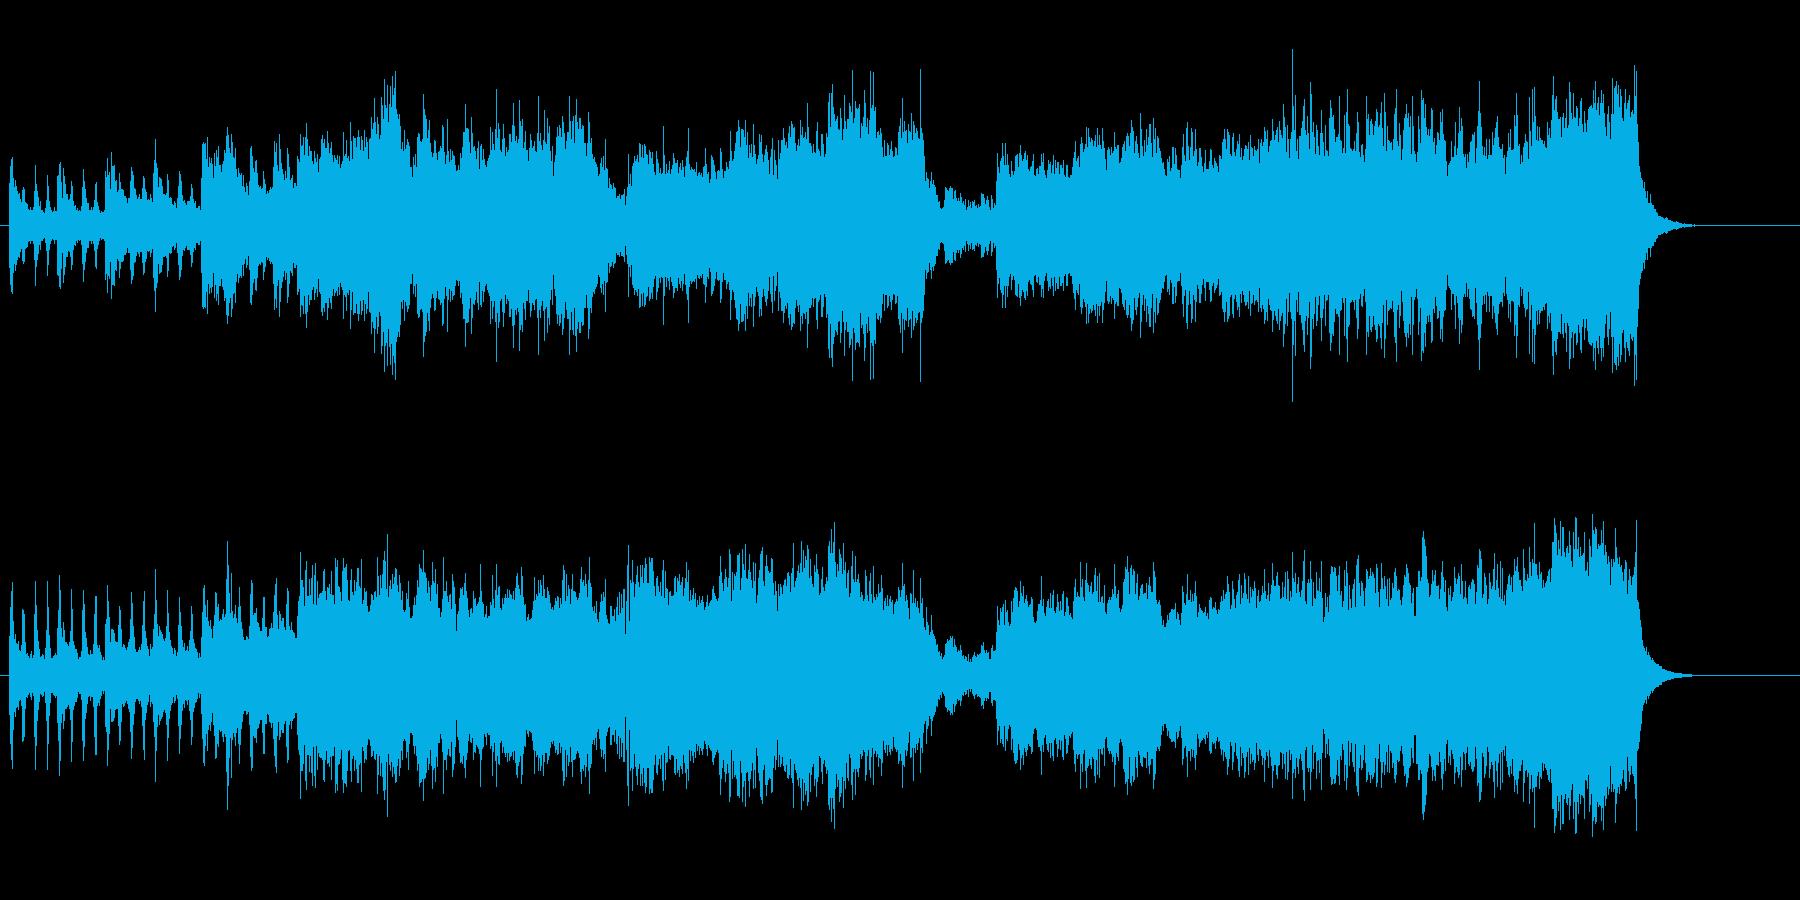 勧善懲悪スクリーン・ミュージック風の再生済みの波形